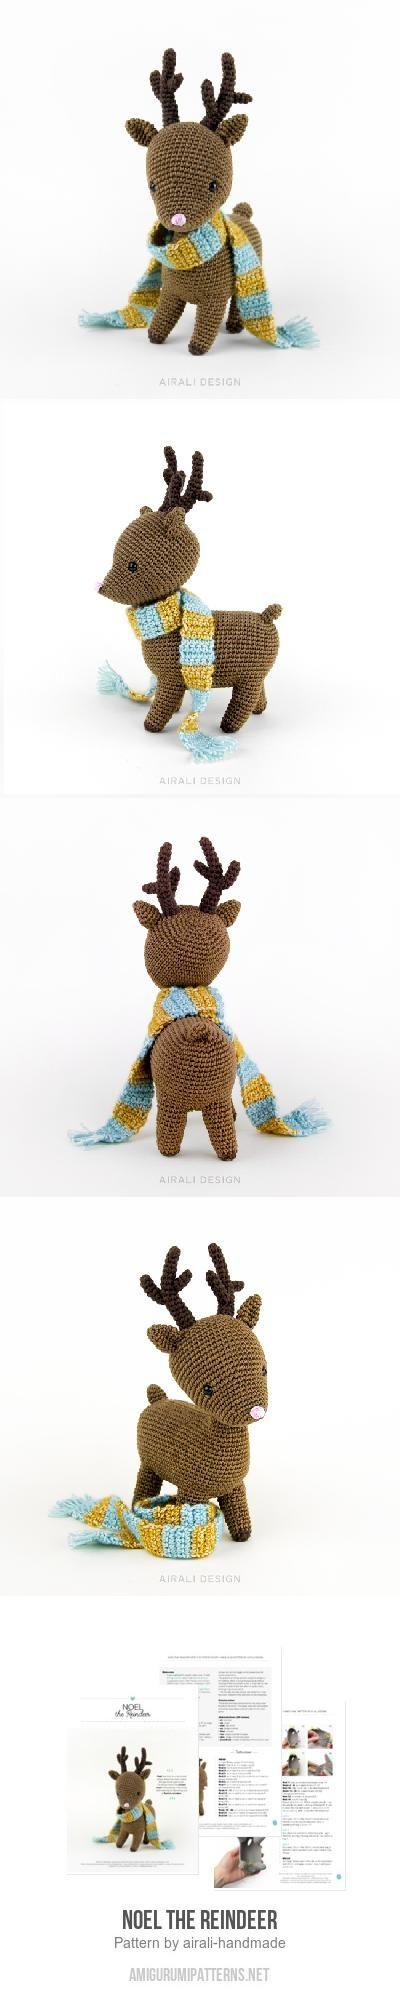 Noel The Reindeer Amigurumi Pattern | Amigurumis | Pinterest ...